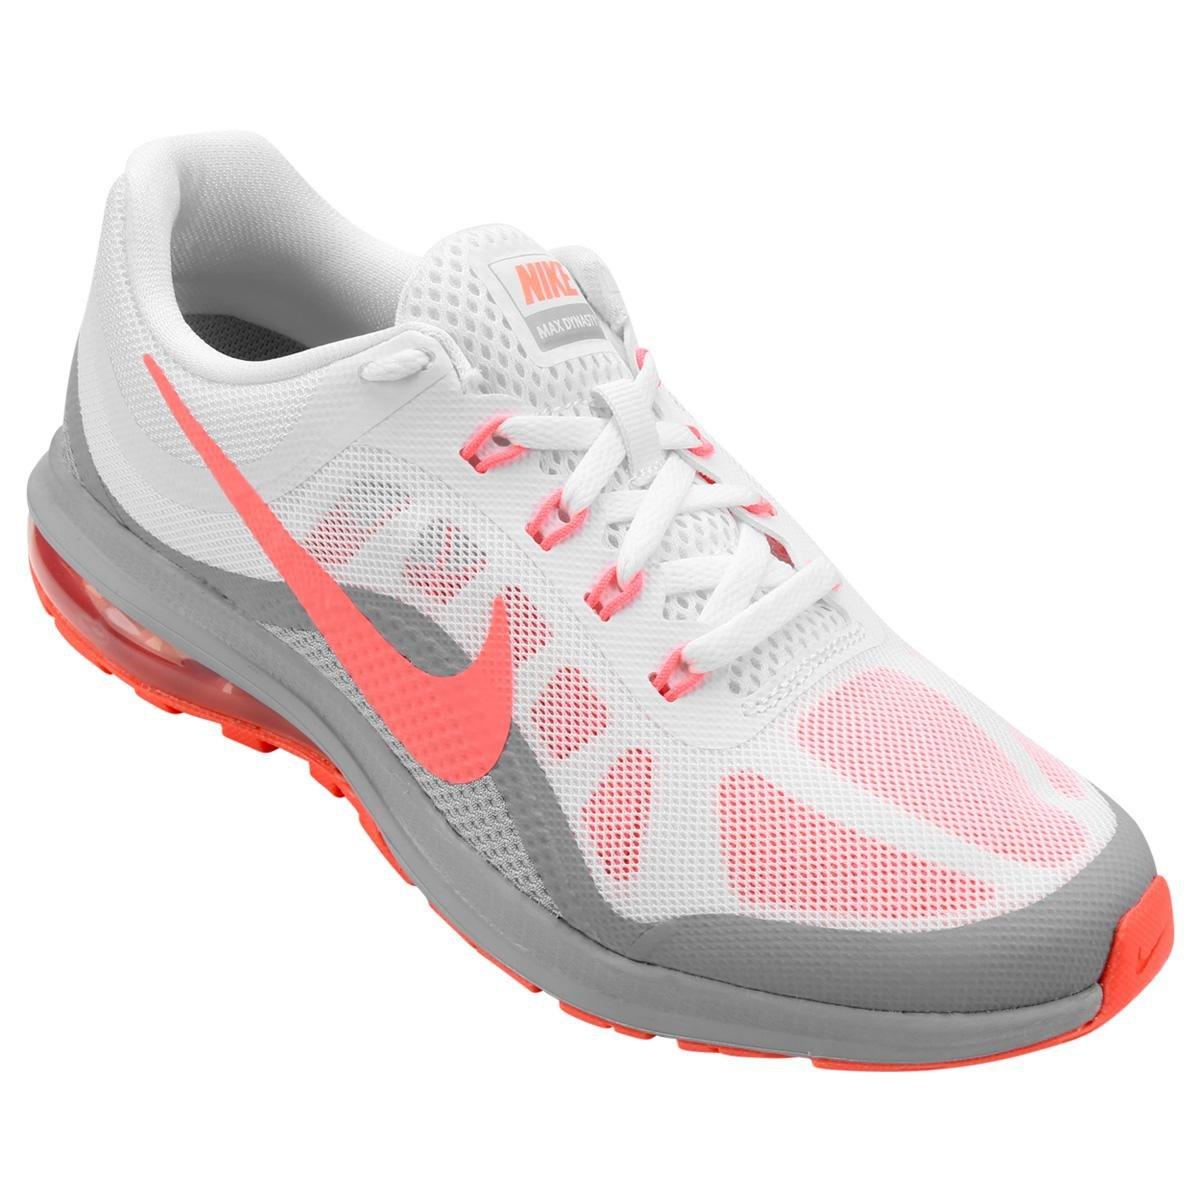 save off 2b49b 919ad Tênis Nike Air Max Dynasty 2 Feminino - Branco e Salmão - Compre Agora   Shop Timão